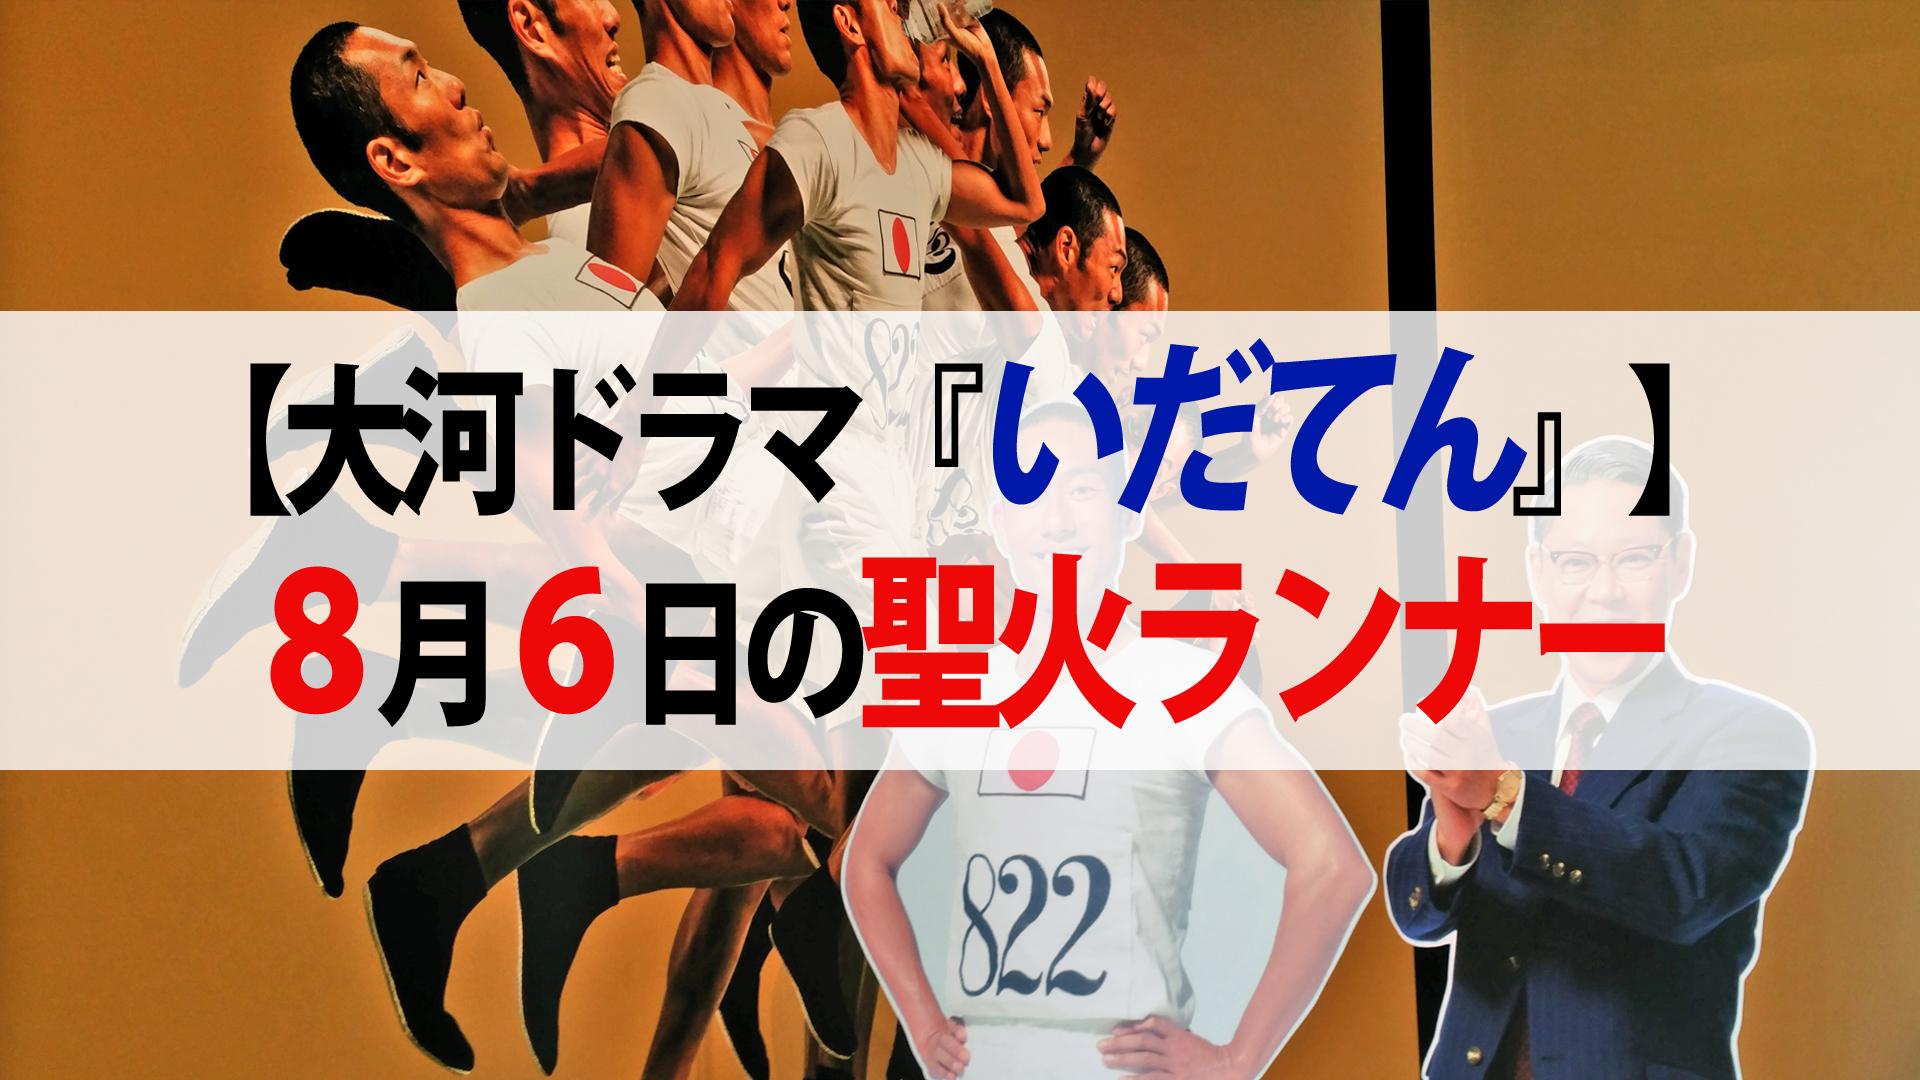 【いだてん『炎のランナー』】『沖縄にはためく日の丸』『8月6日の聖火ランナー』『コンゴに響く黎明の鐘』第46回への反響まとめ